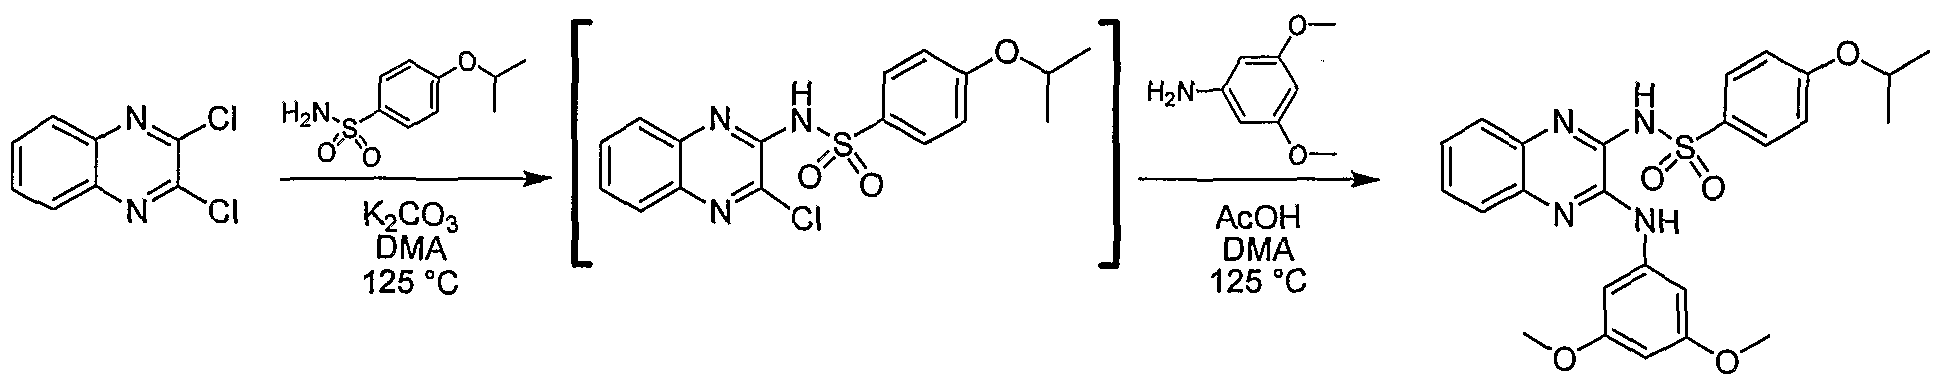 Figure imgf000242_0002